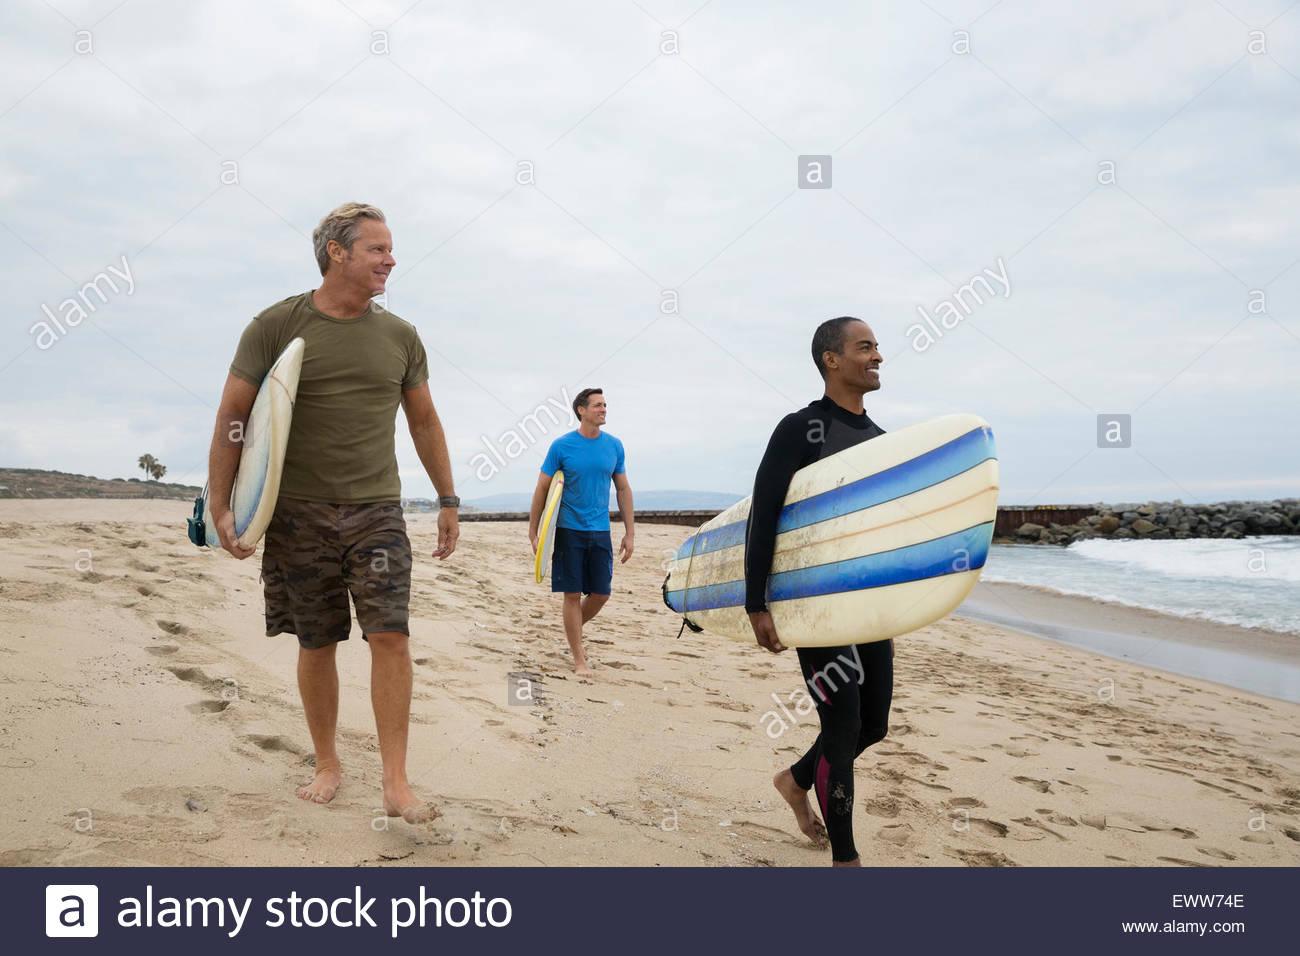 Los hombres con tablas de surf en la playa caminando Imagen De Stock